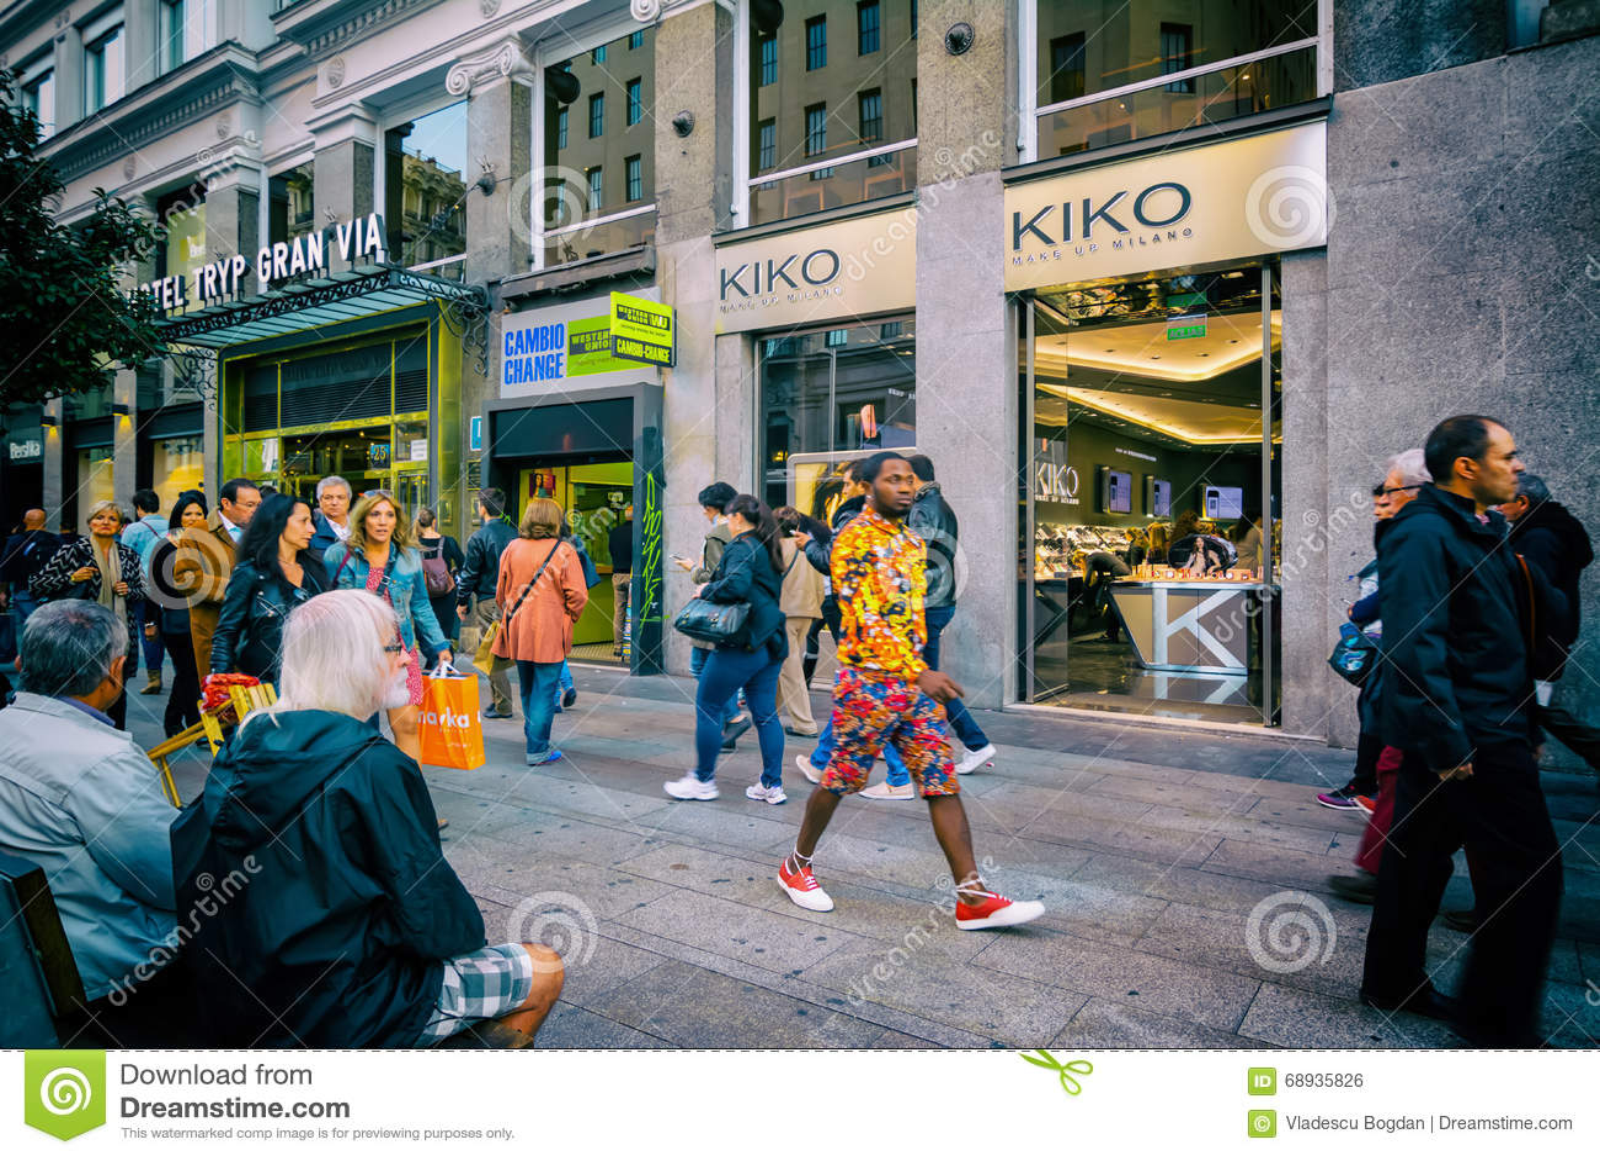 d02d2a9bde0 Shopping On Gran Via